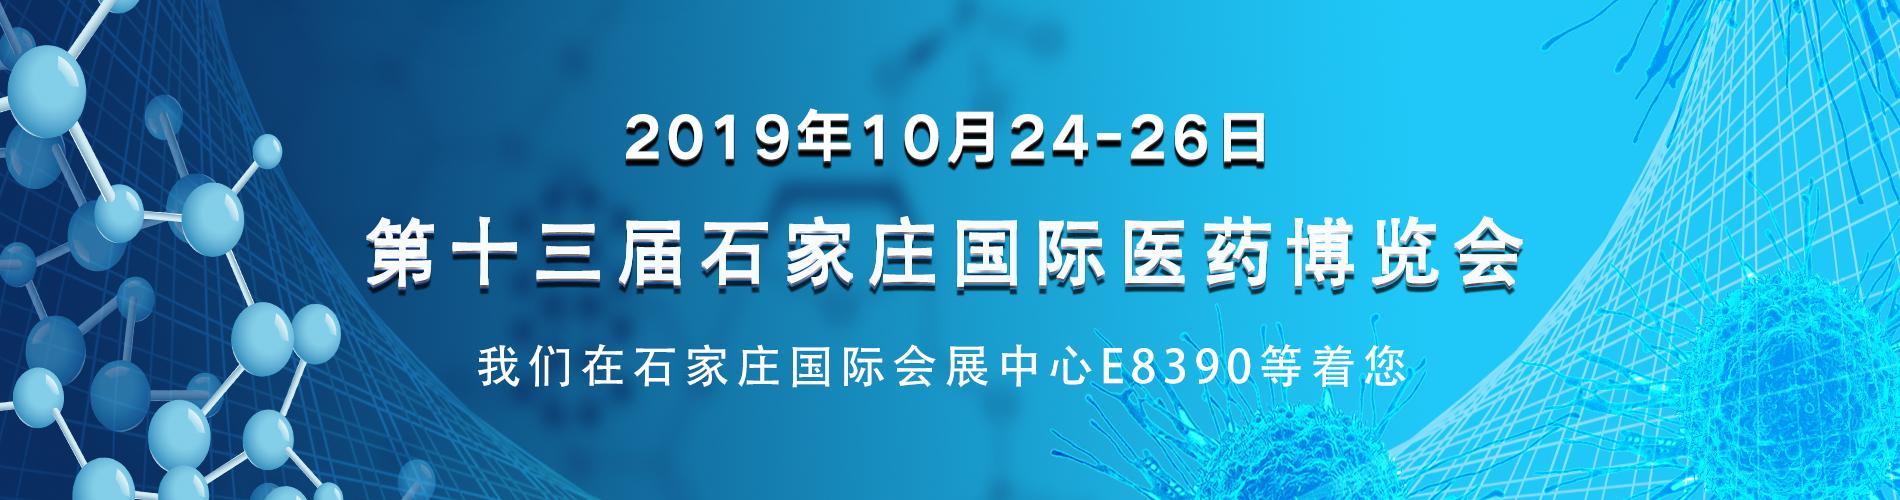 北纳课堂-www.bncc.org.cn北纳生物